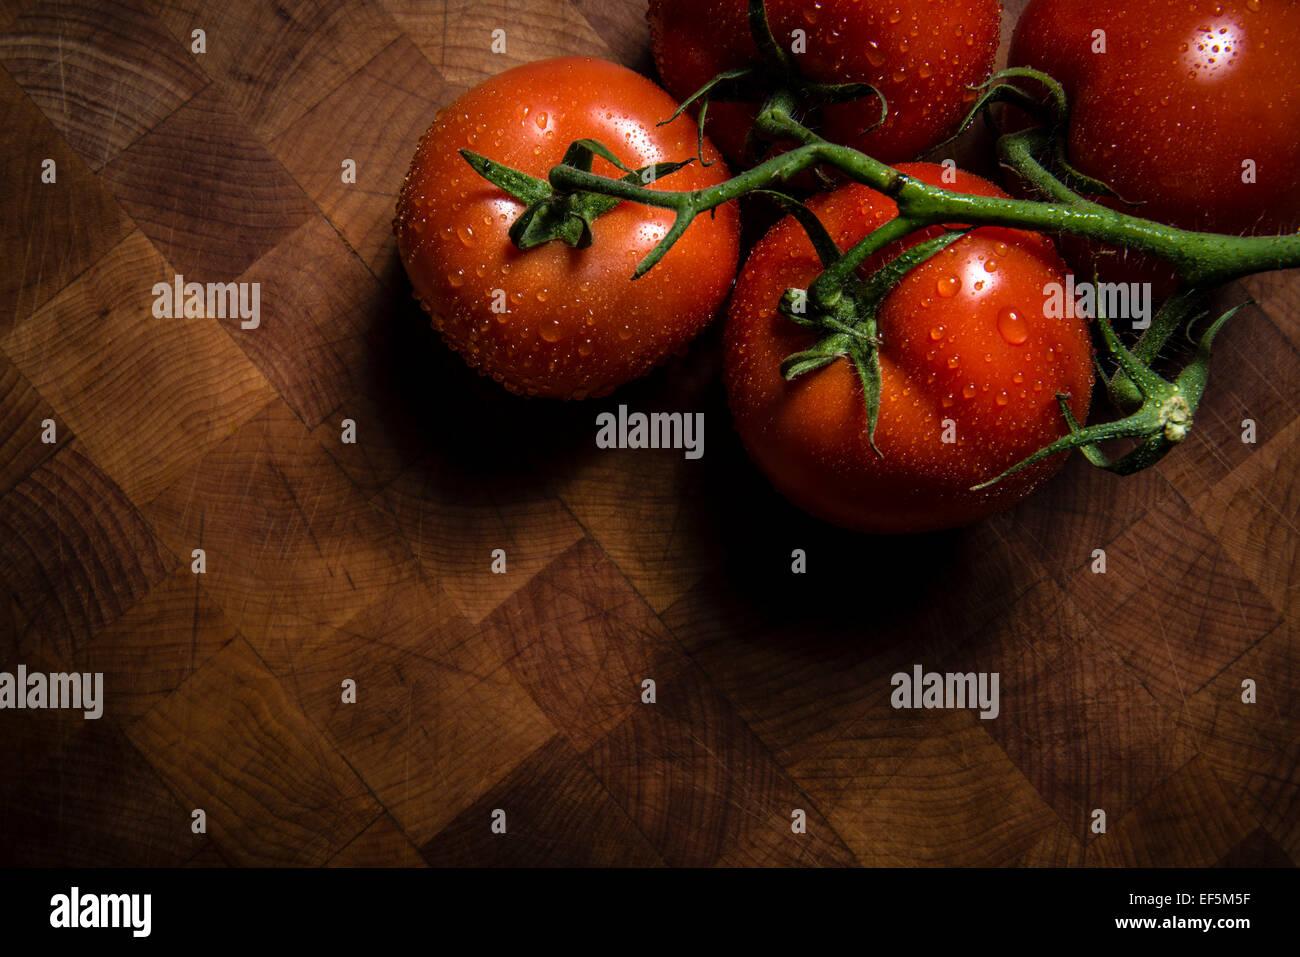 Tomates húmedo sobre una tabla de cortar Imagen De Stock